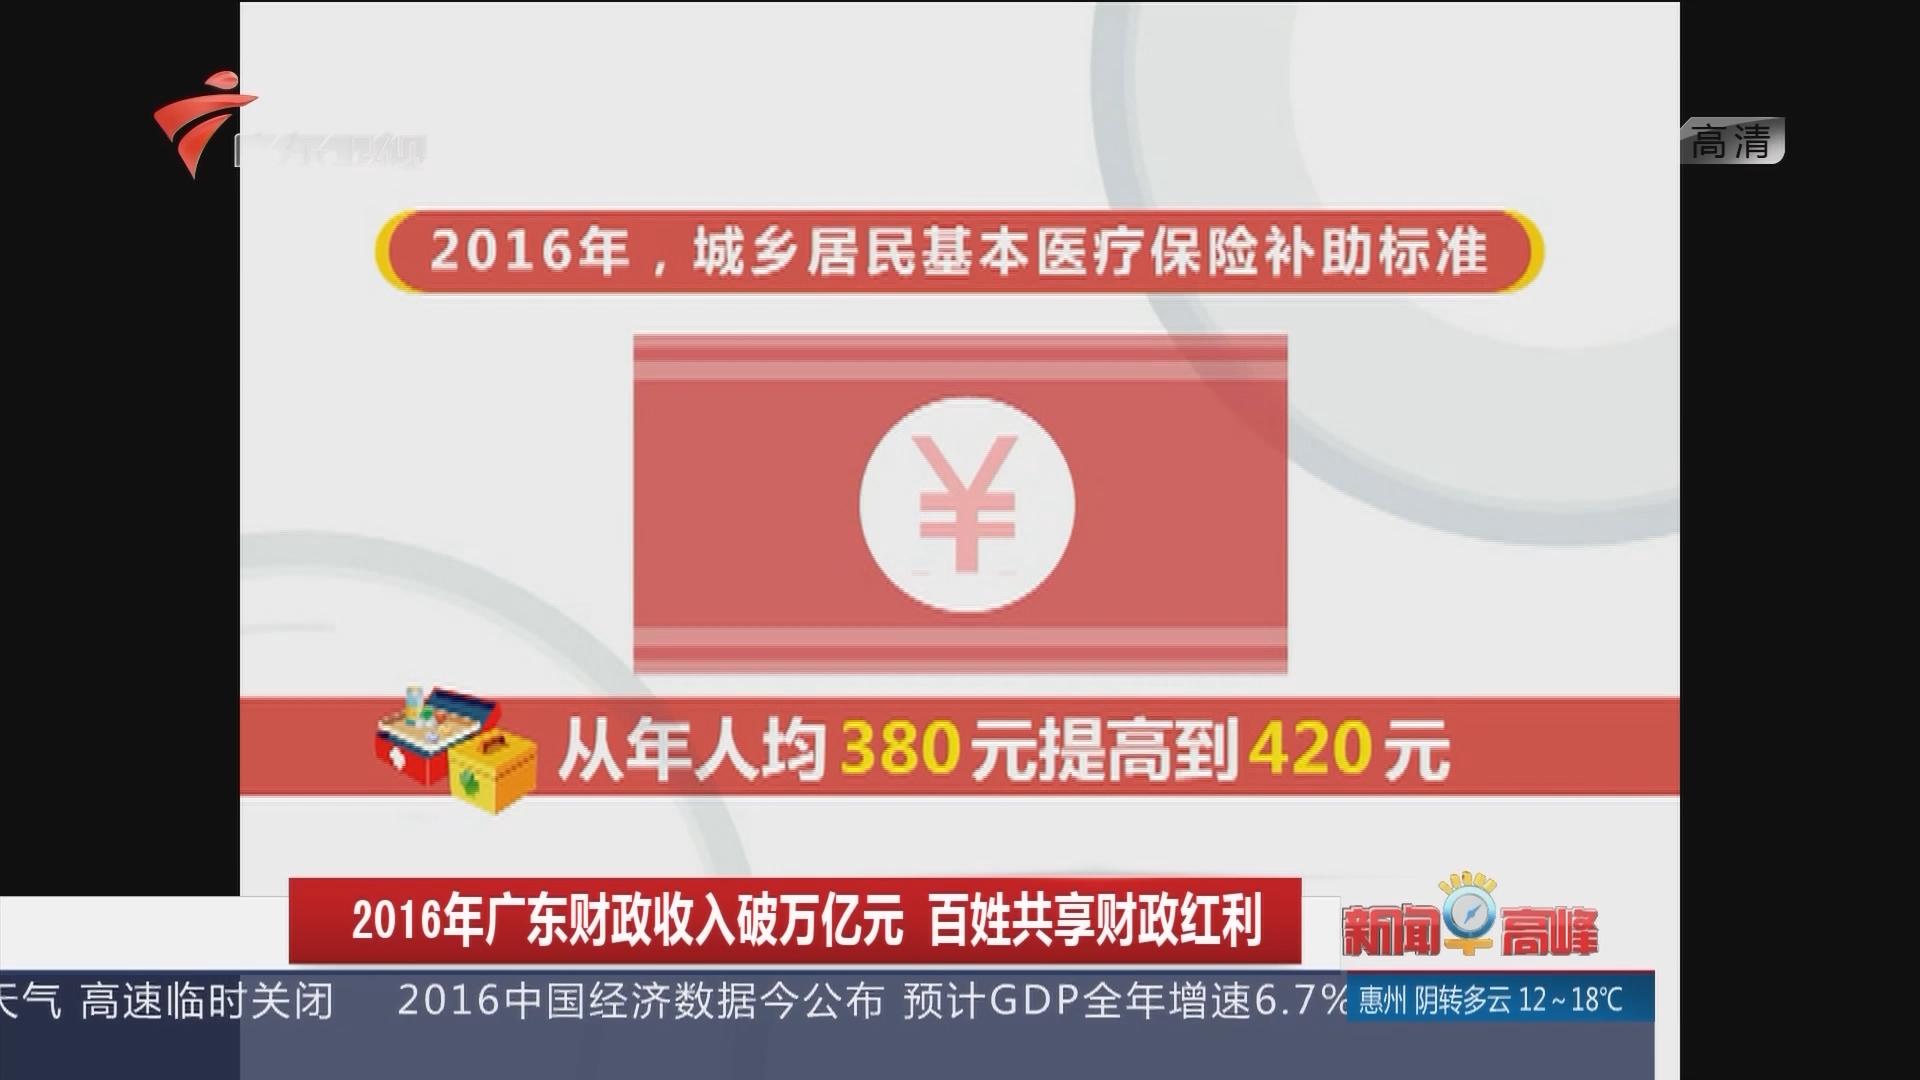 2016年广东财政收入破万亿元 百姓共享财政红利